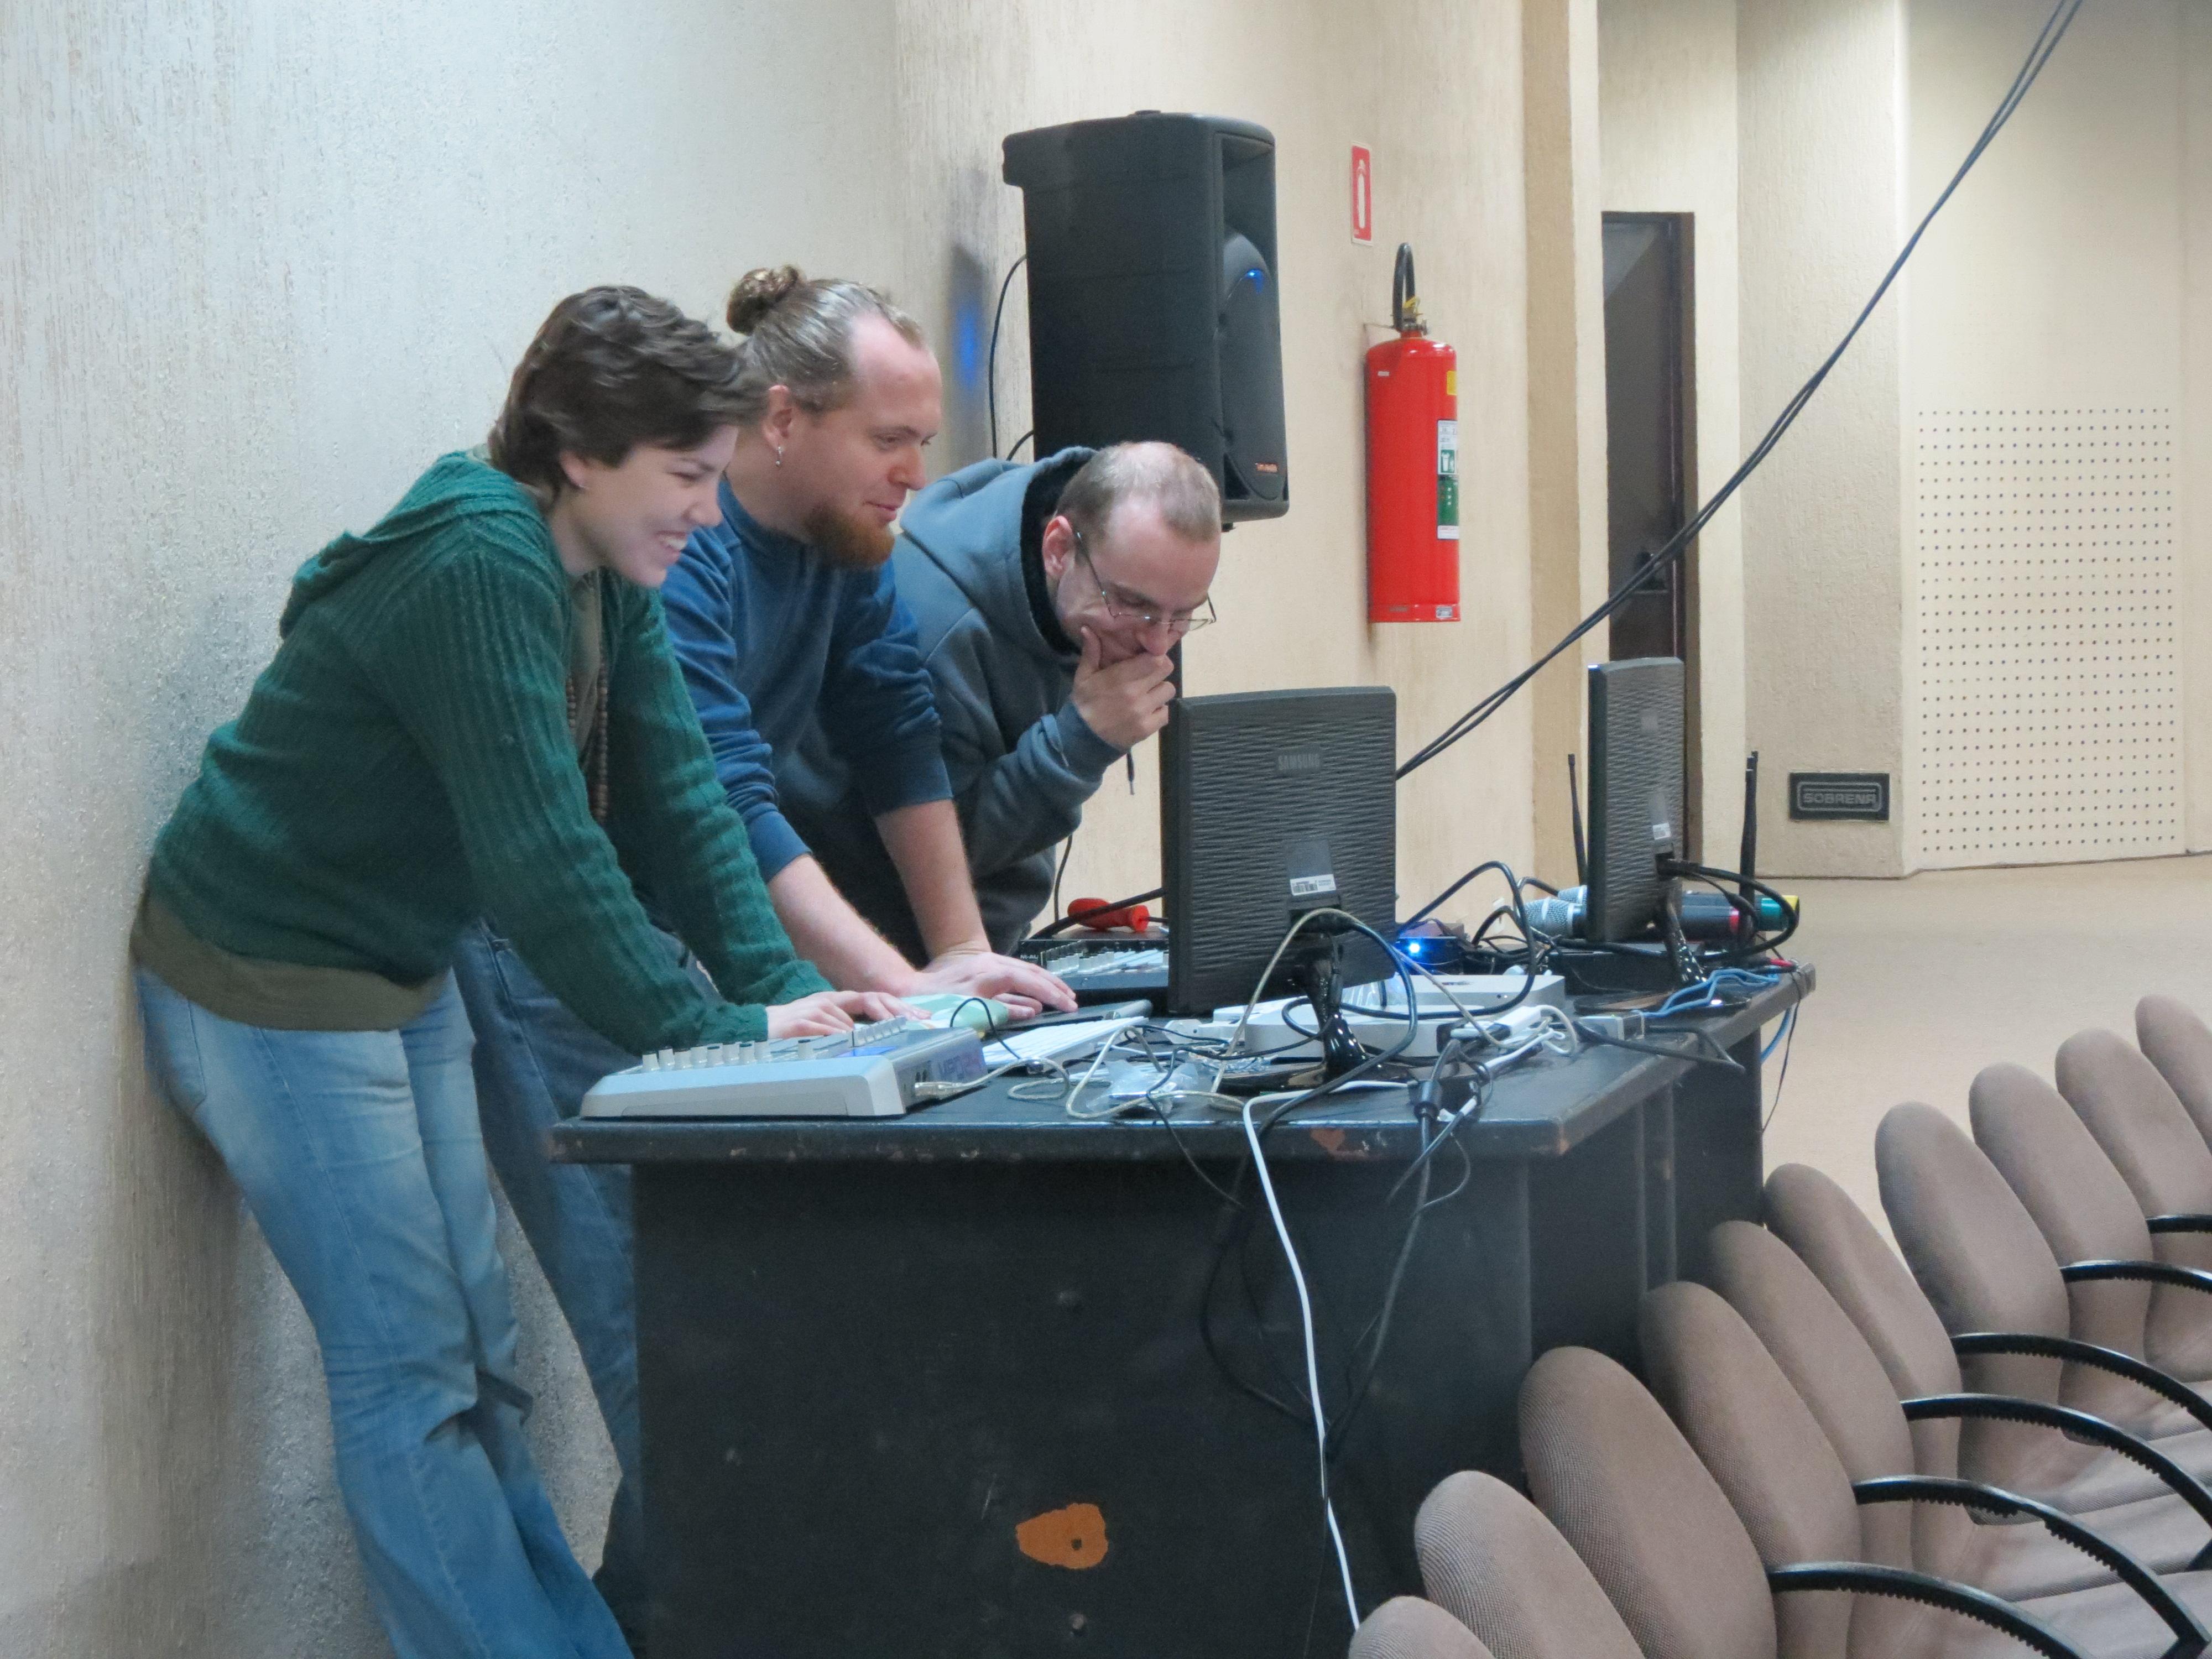 Cafofo, fofos! - Teatro Municipal de Barueri - Nov/2012